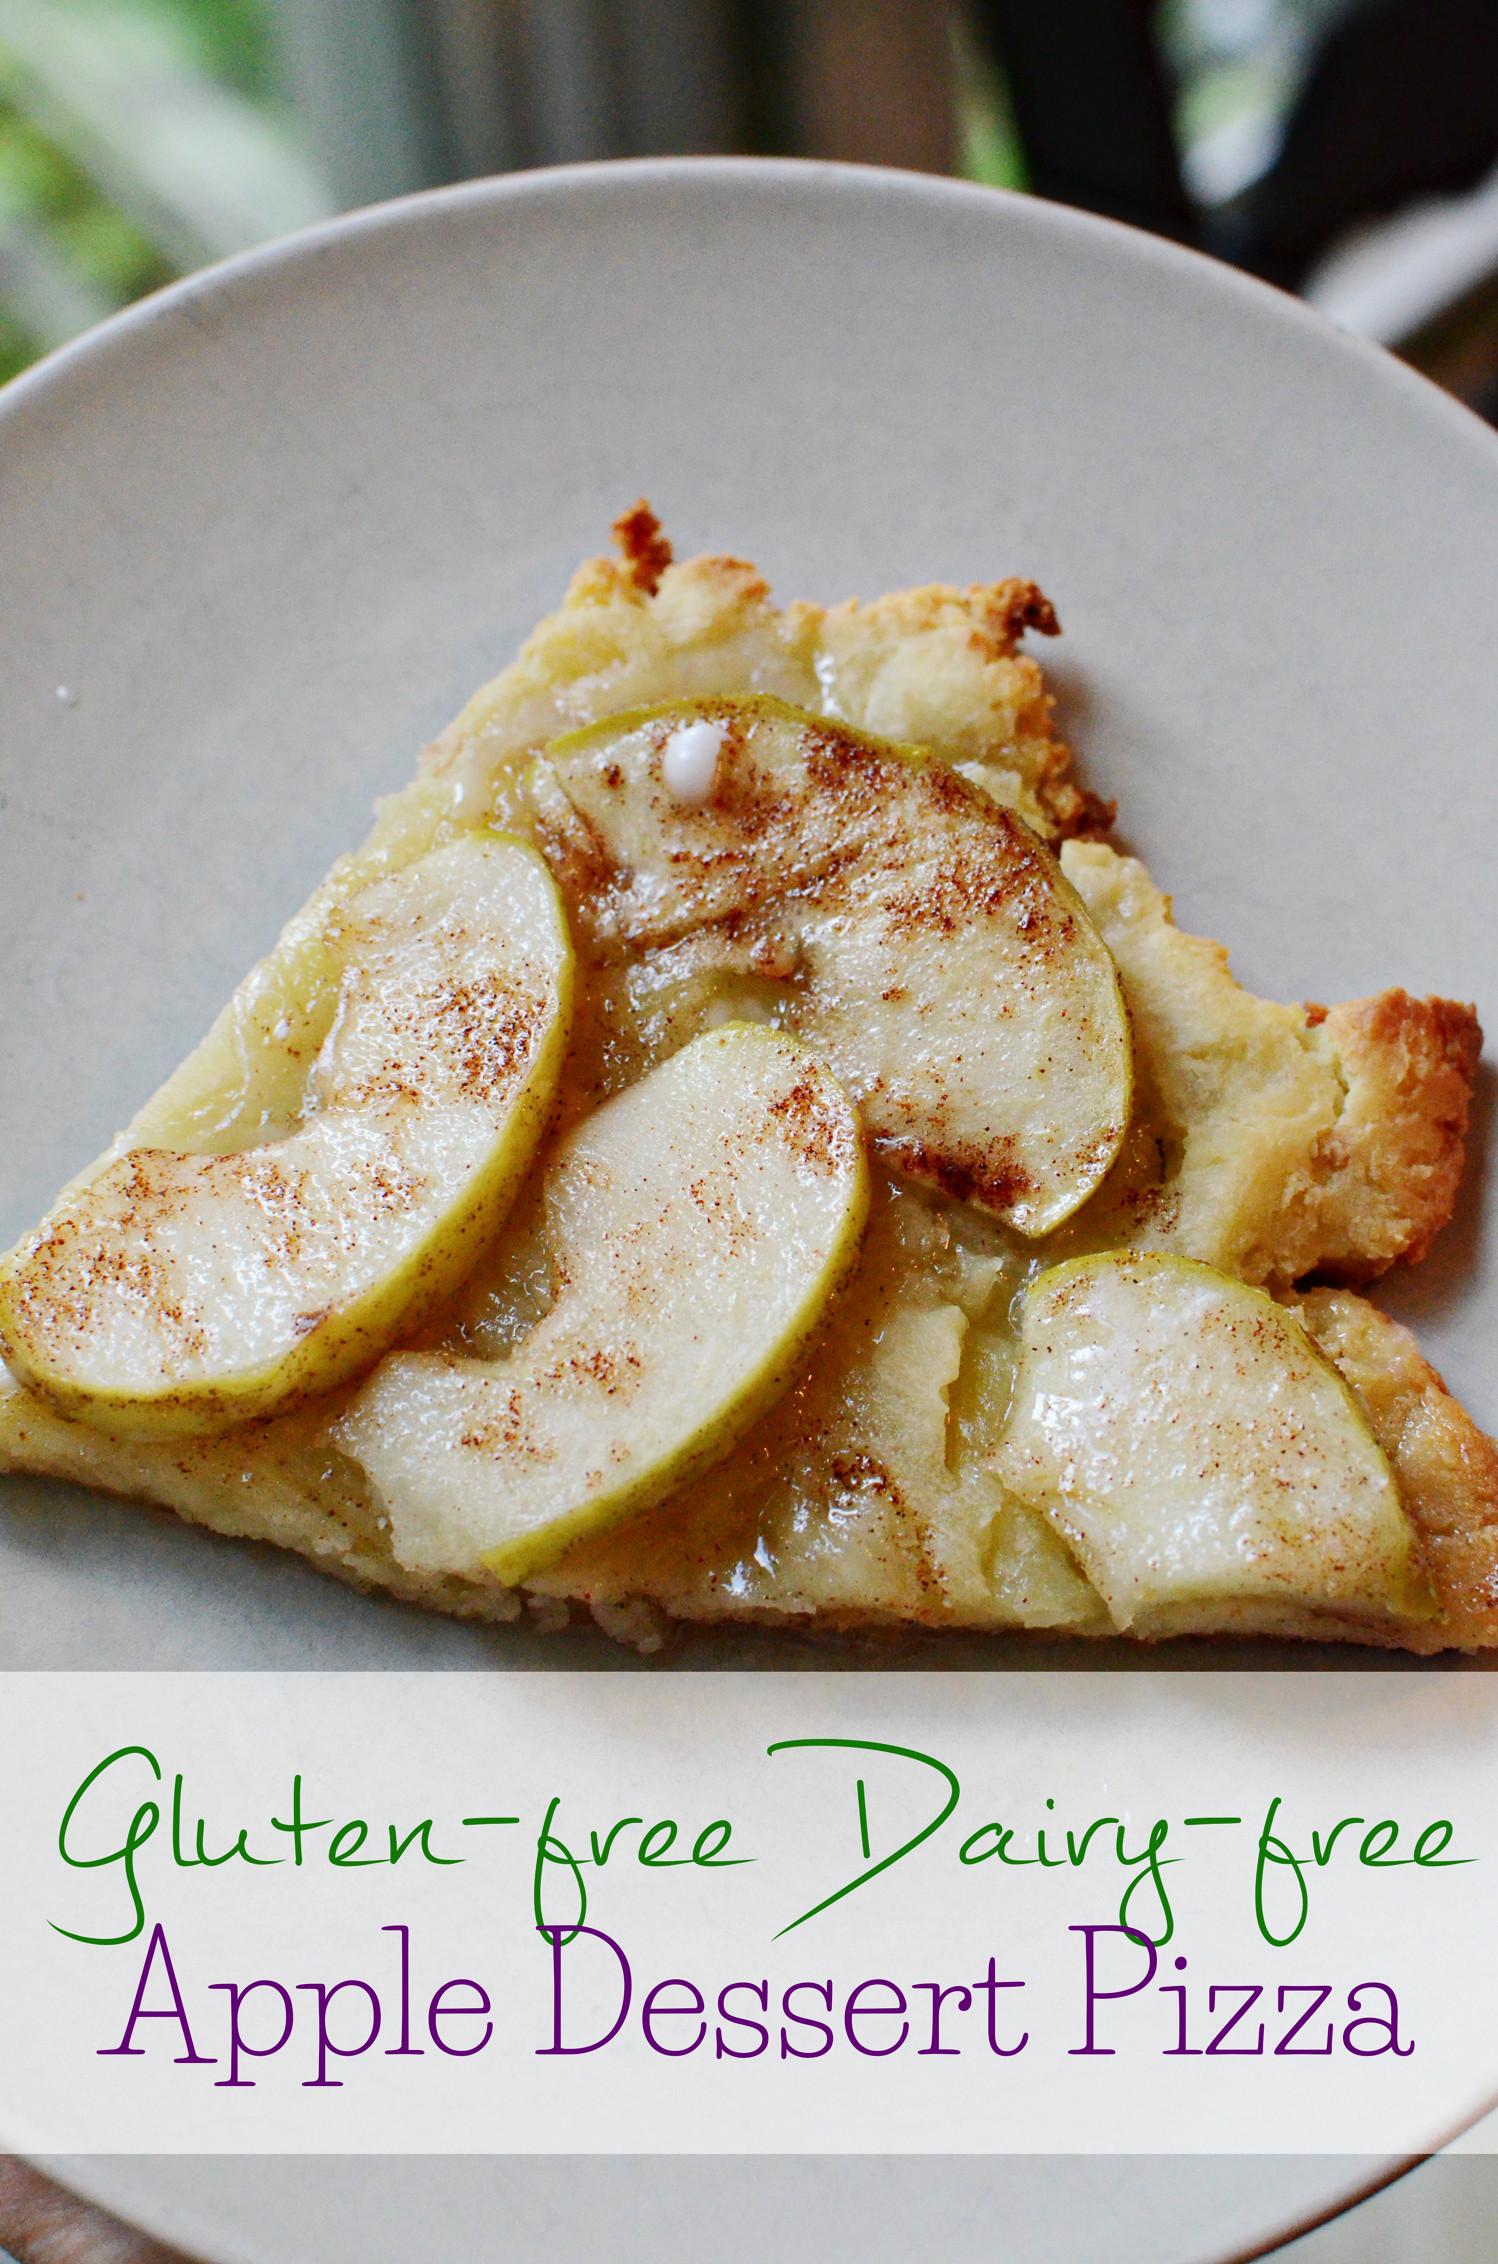 Gluten Free Dairy Free Desserts To Buy  Gluten Free Dairy Free Apple Dessert Pizza